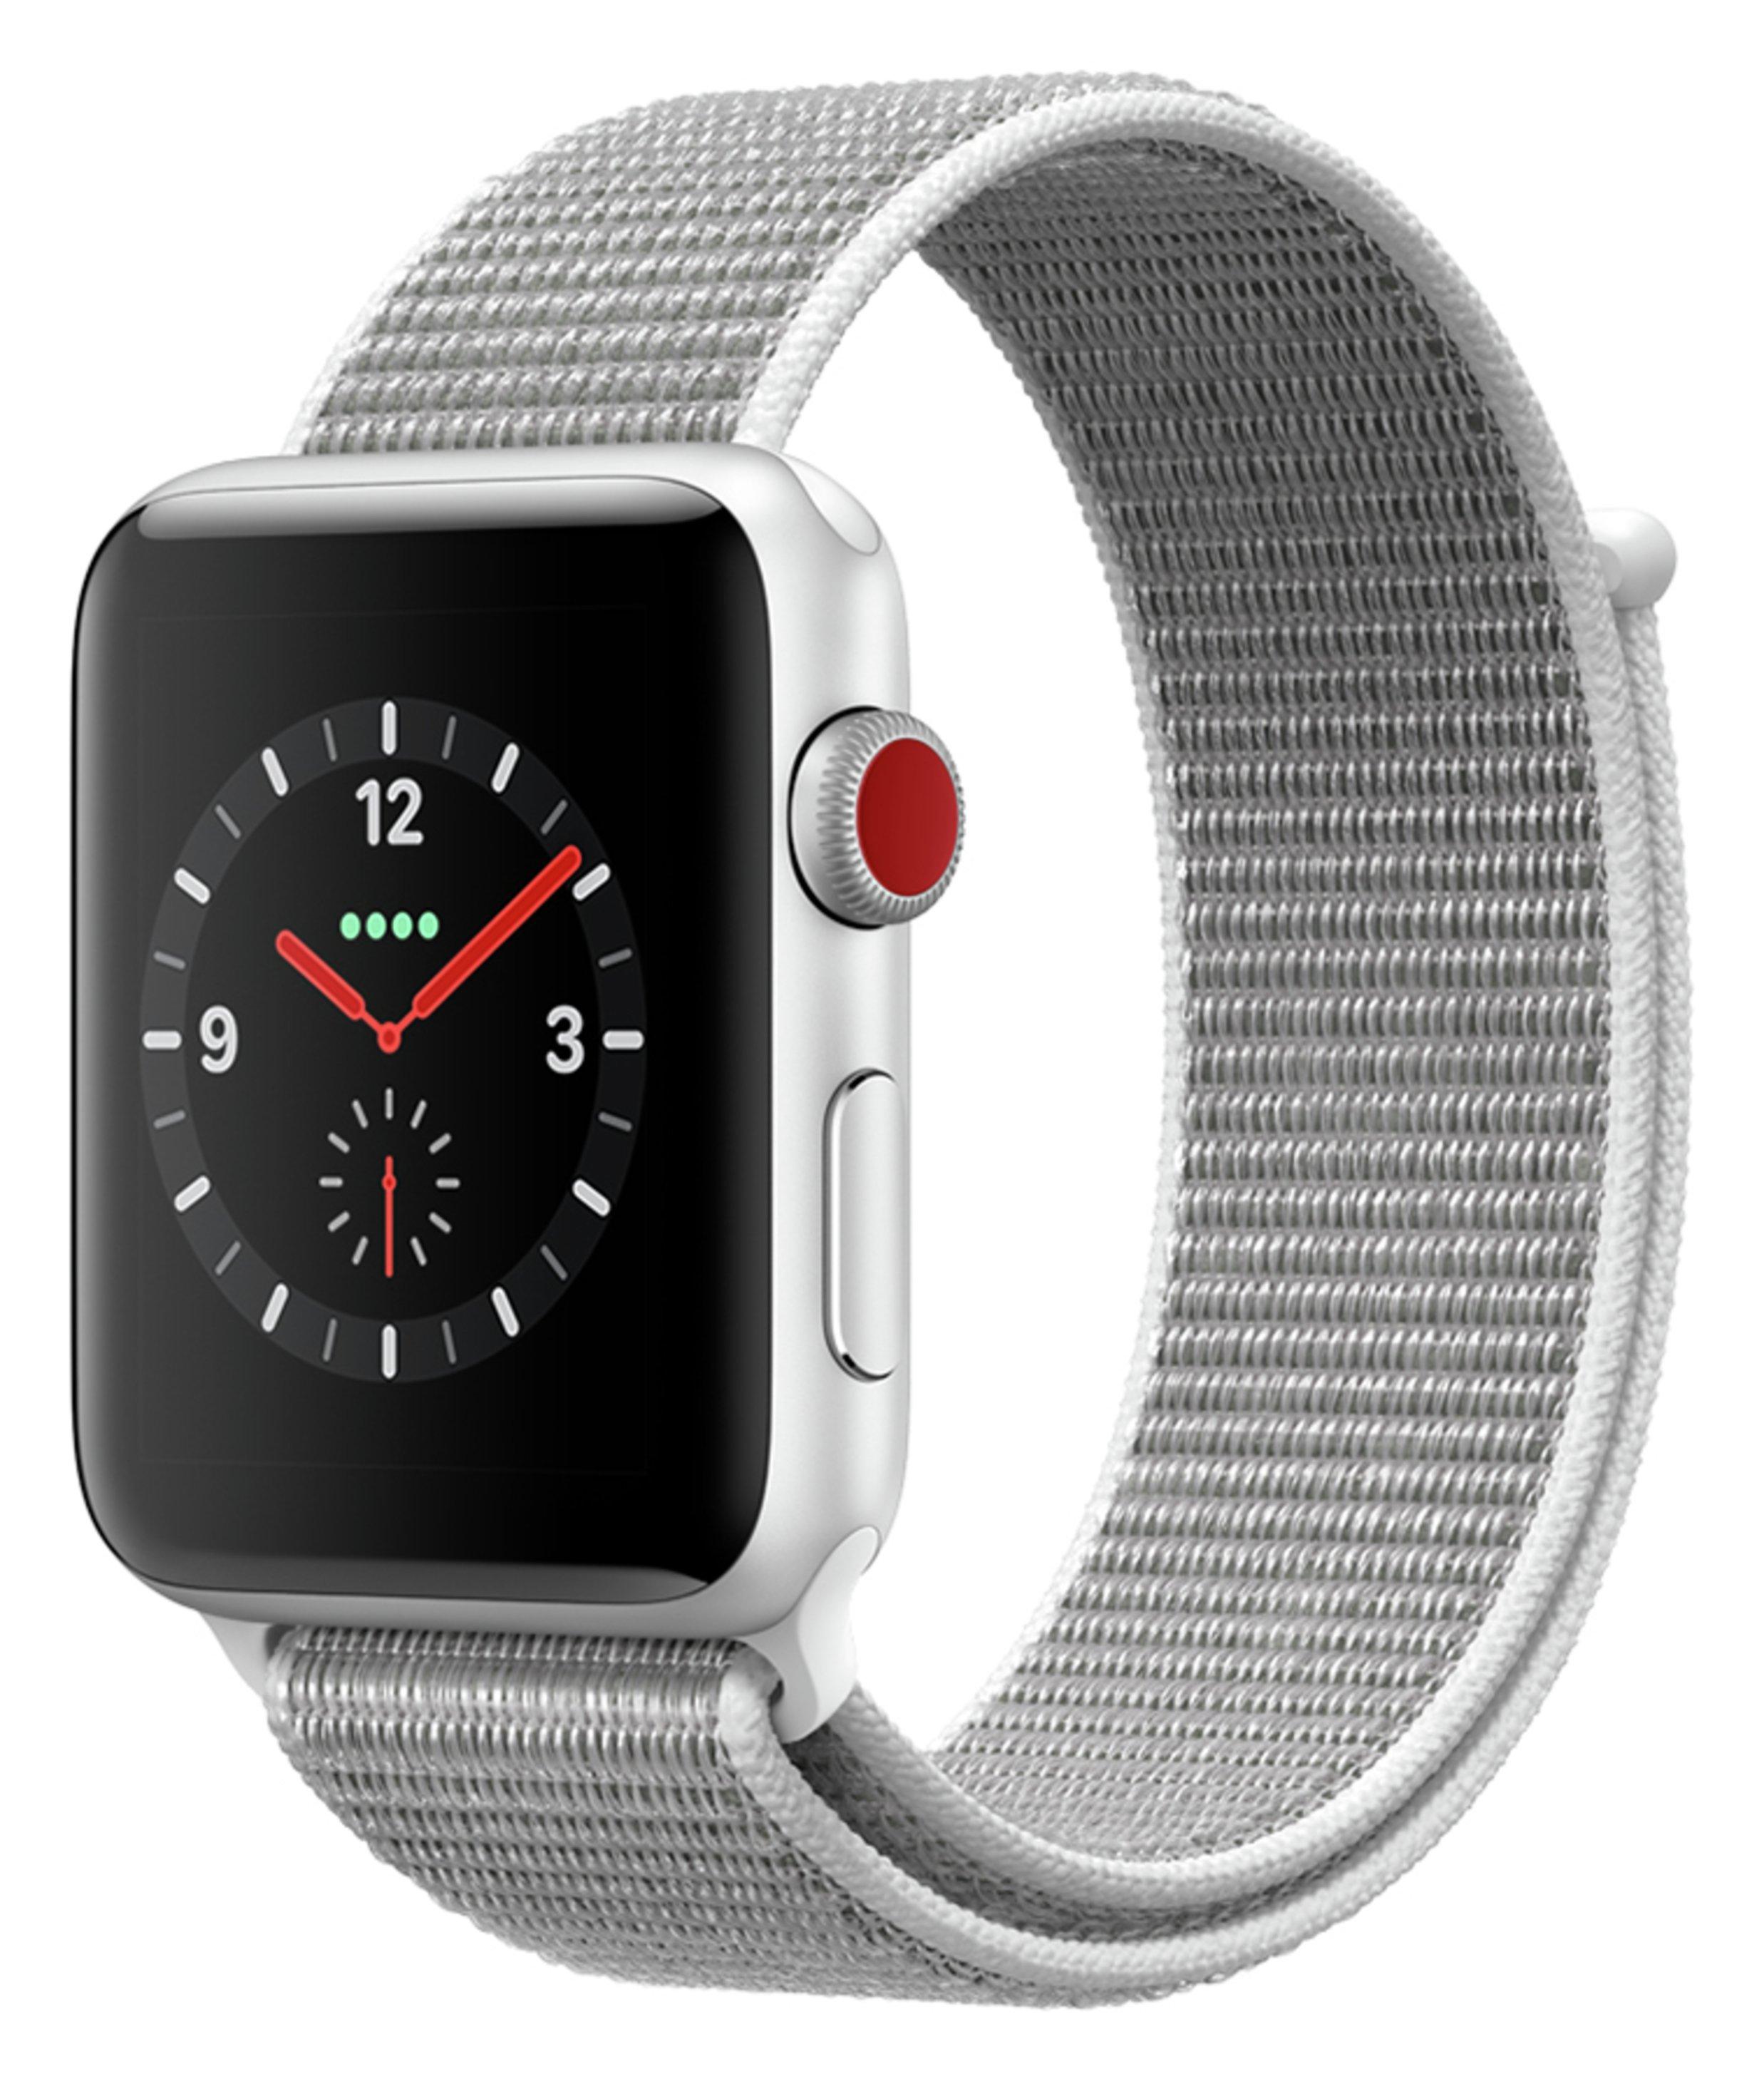 Apple Watch S3 Cellular 42mm - Silver Alu / Seashell Loop